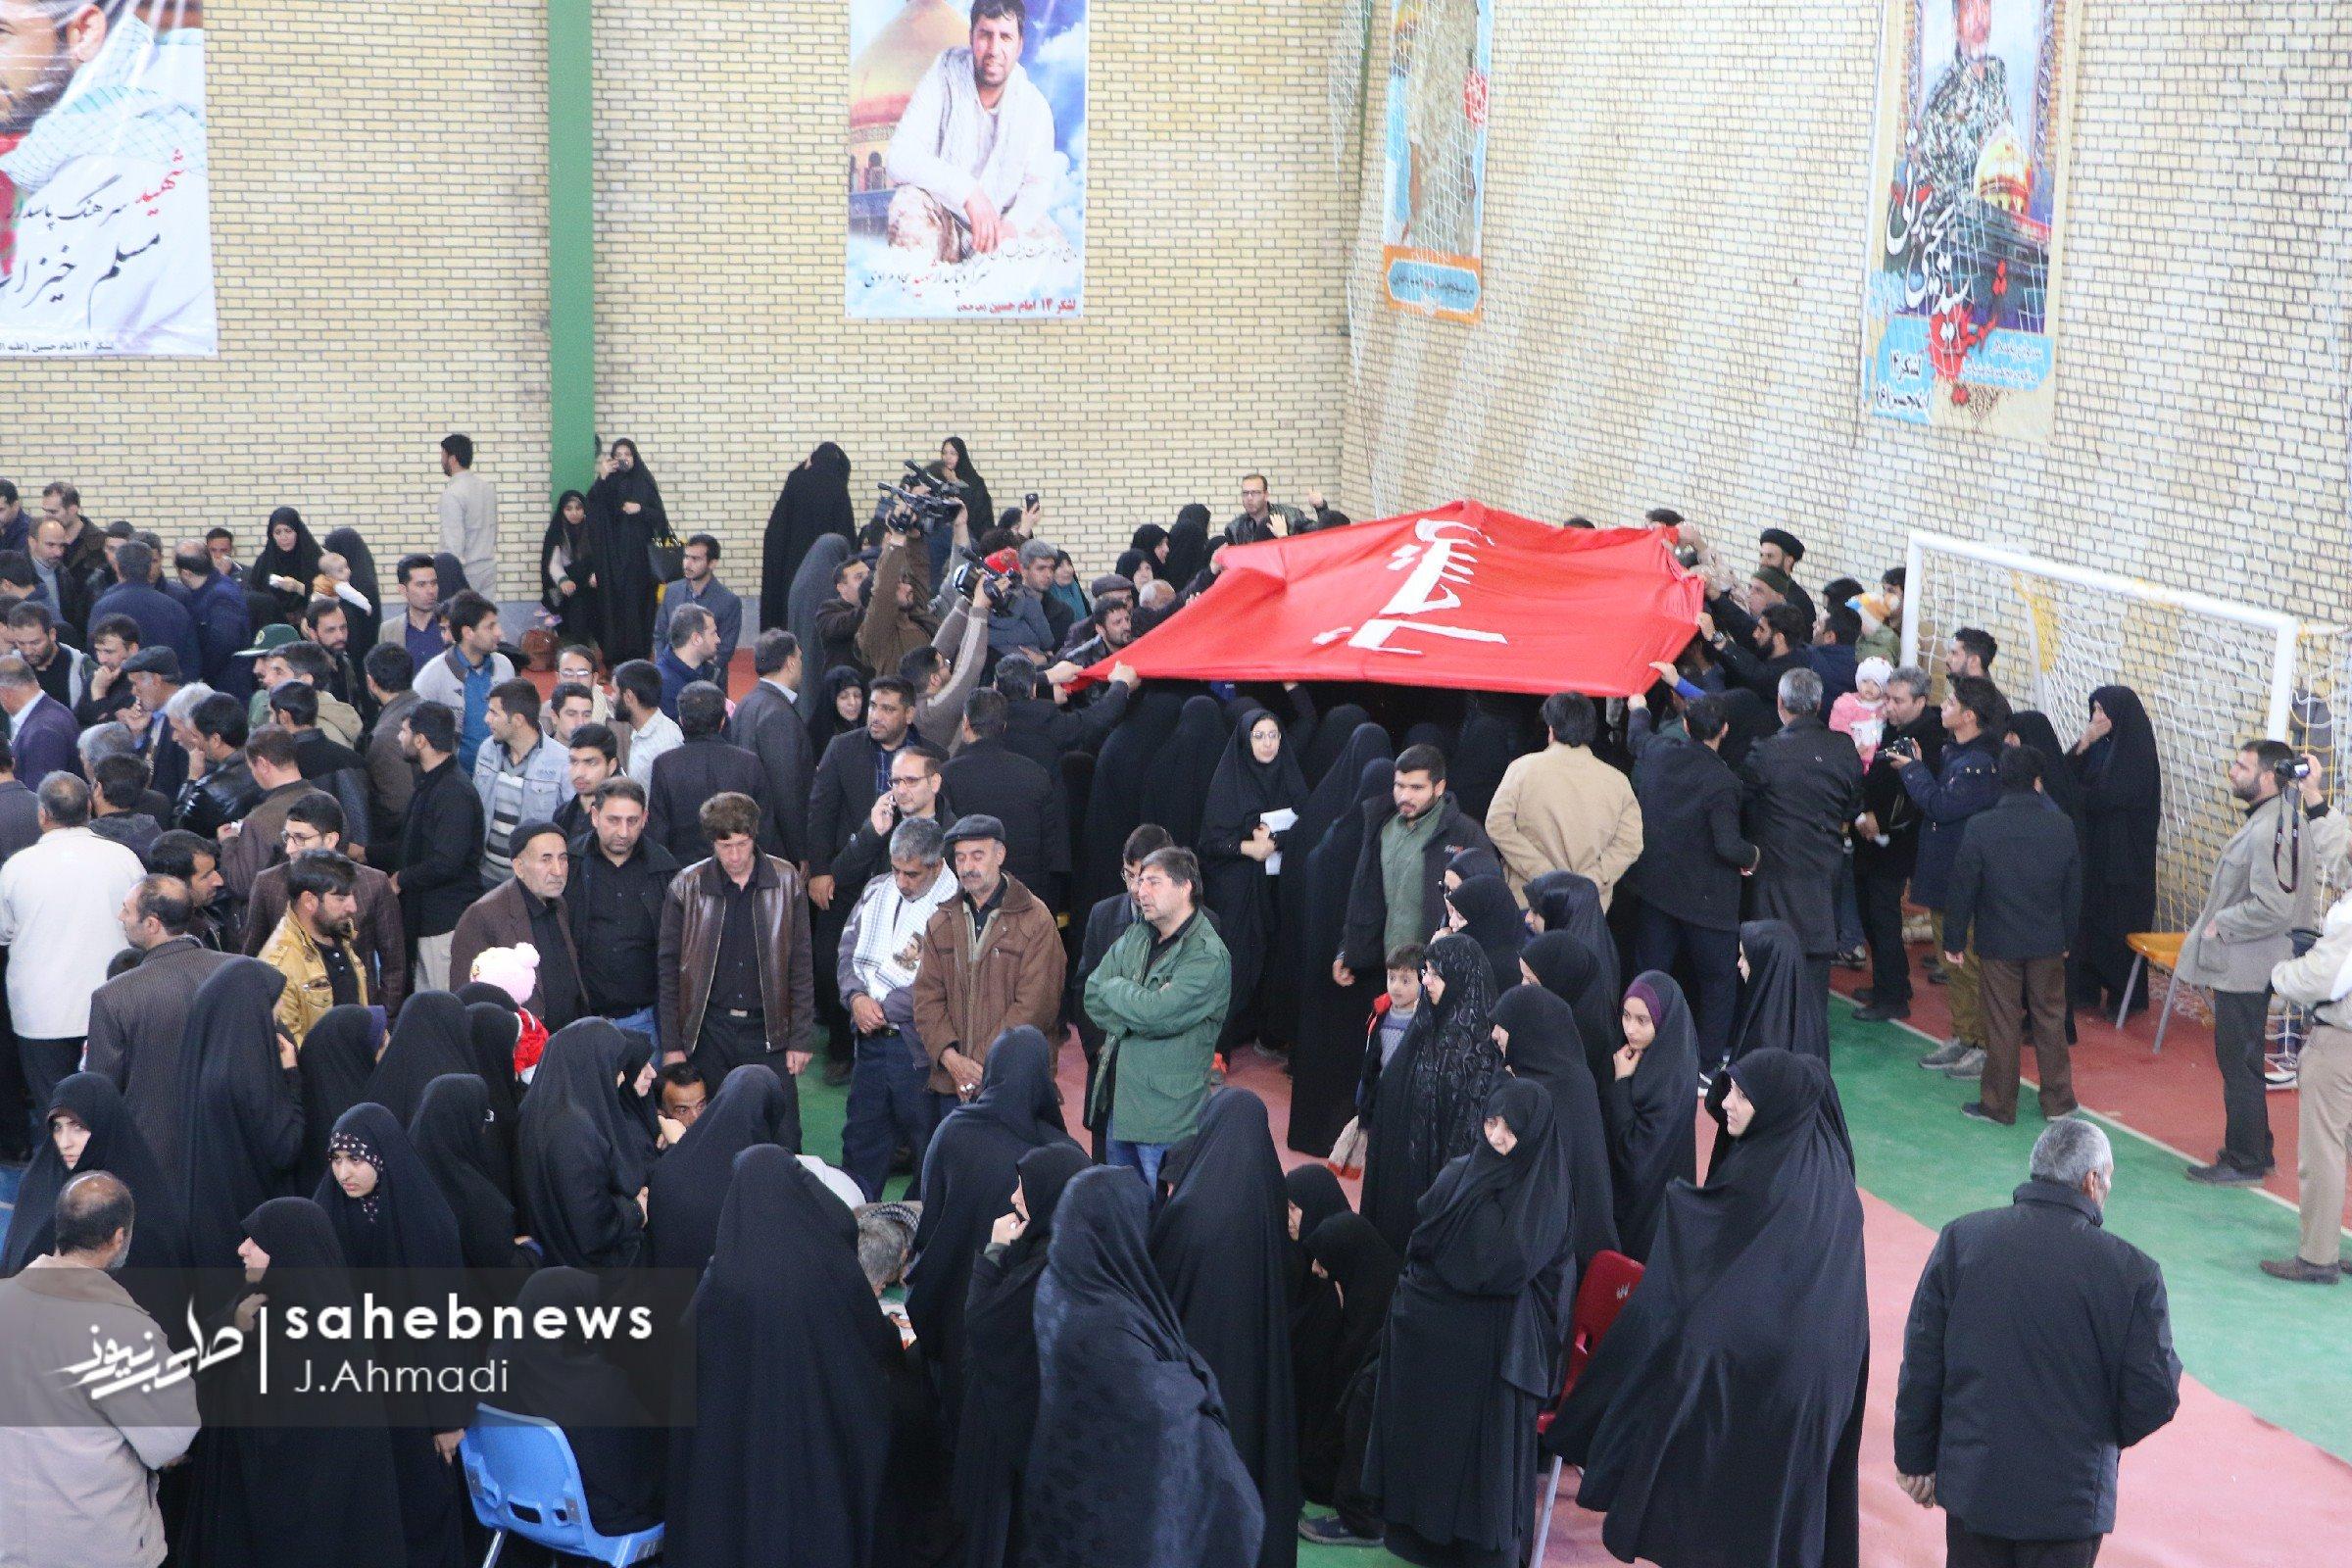 27 شهید حادثه تروریستی اصفهان (15)